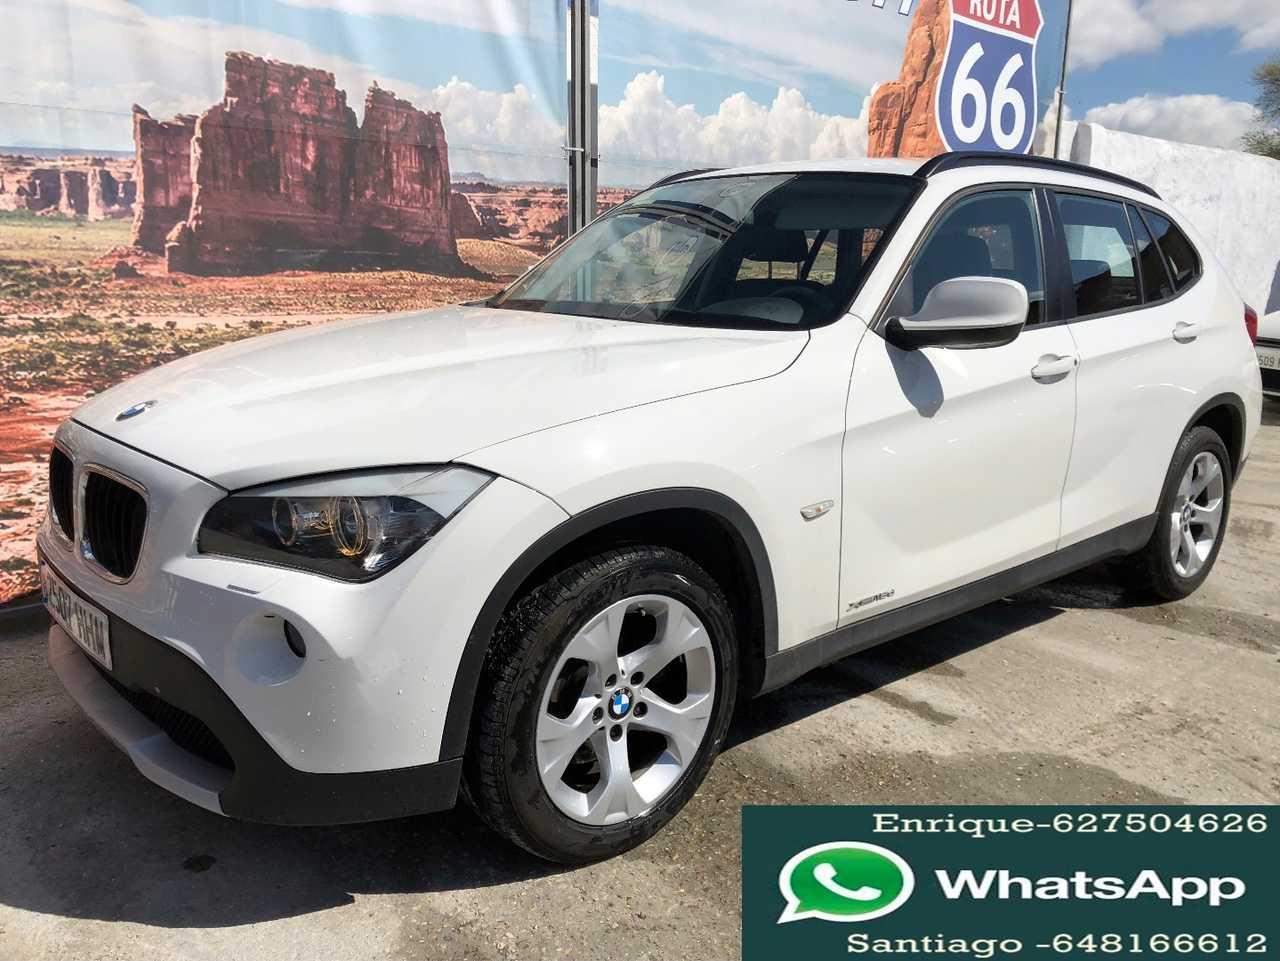 BMW X1 1.8 d xdriver   - Foto 1